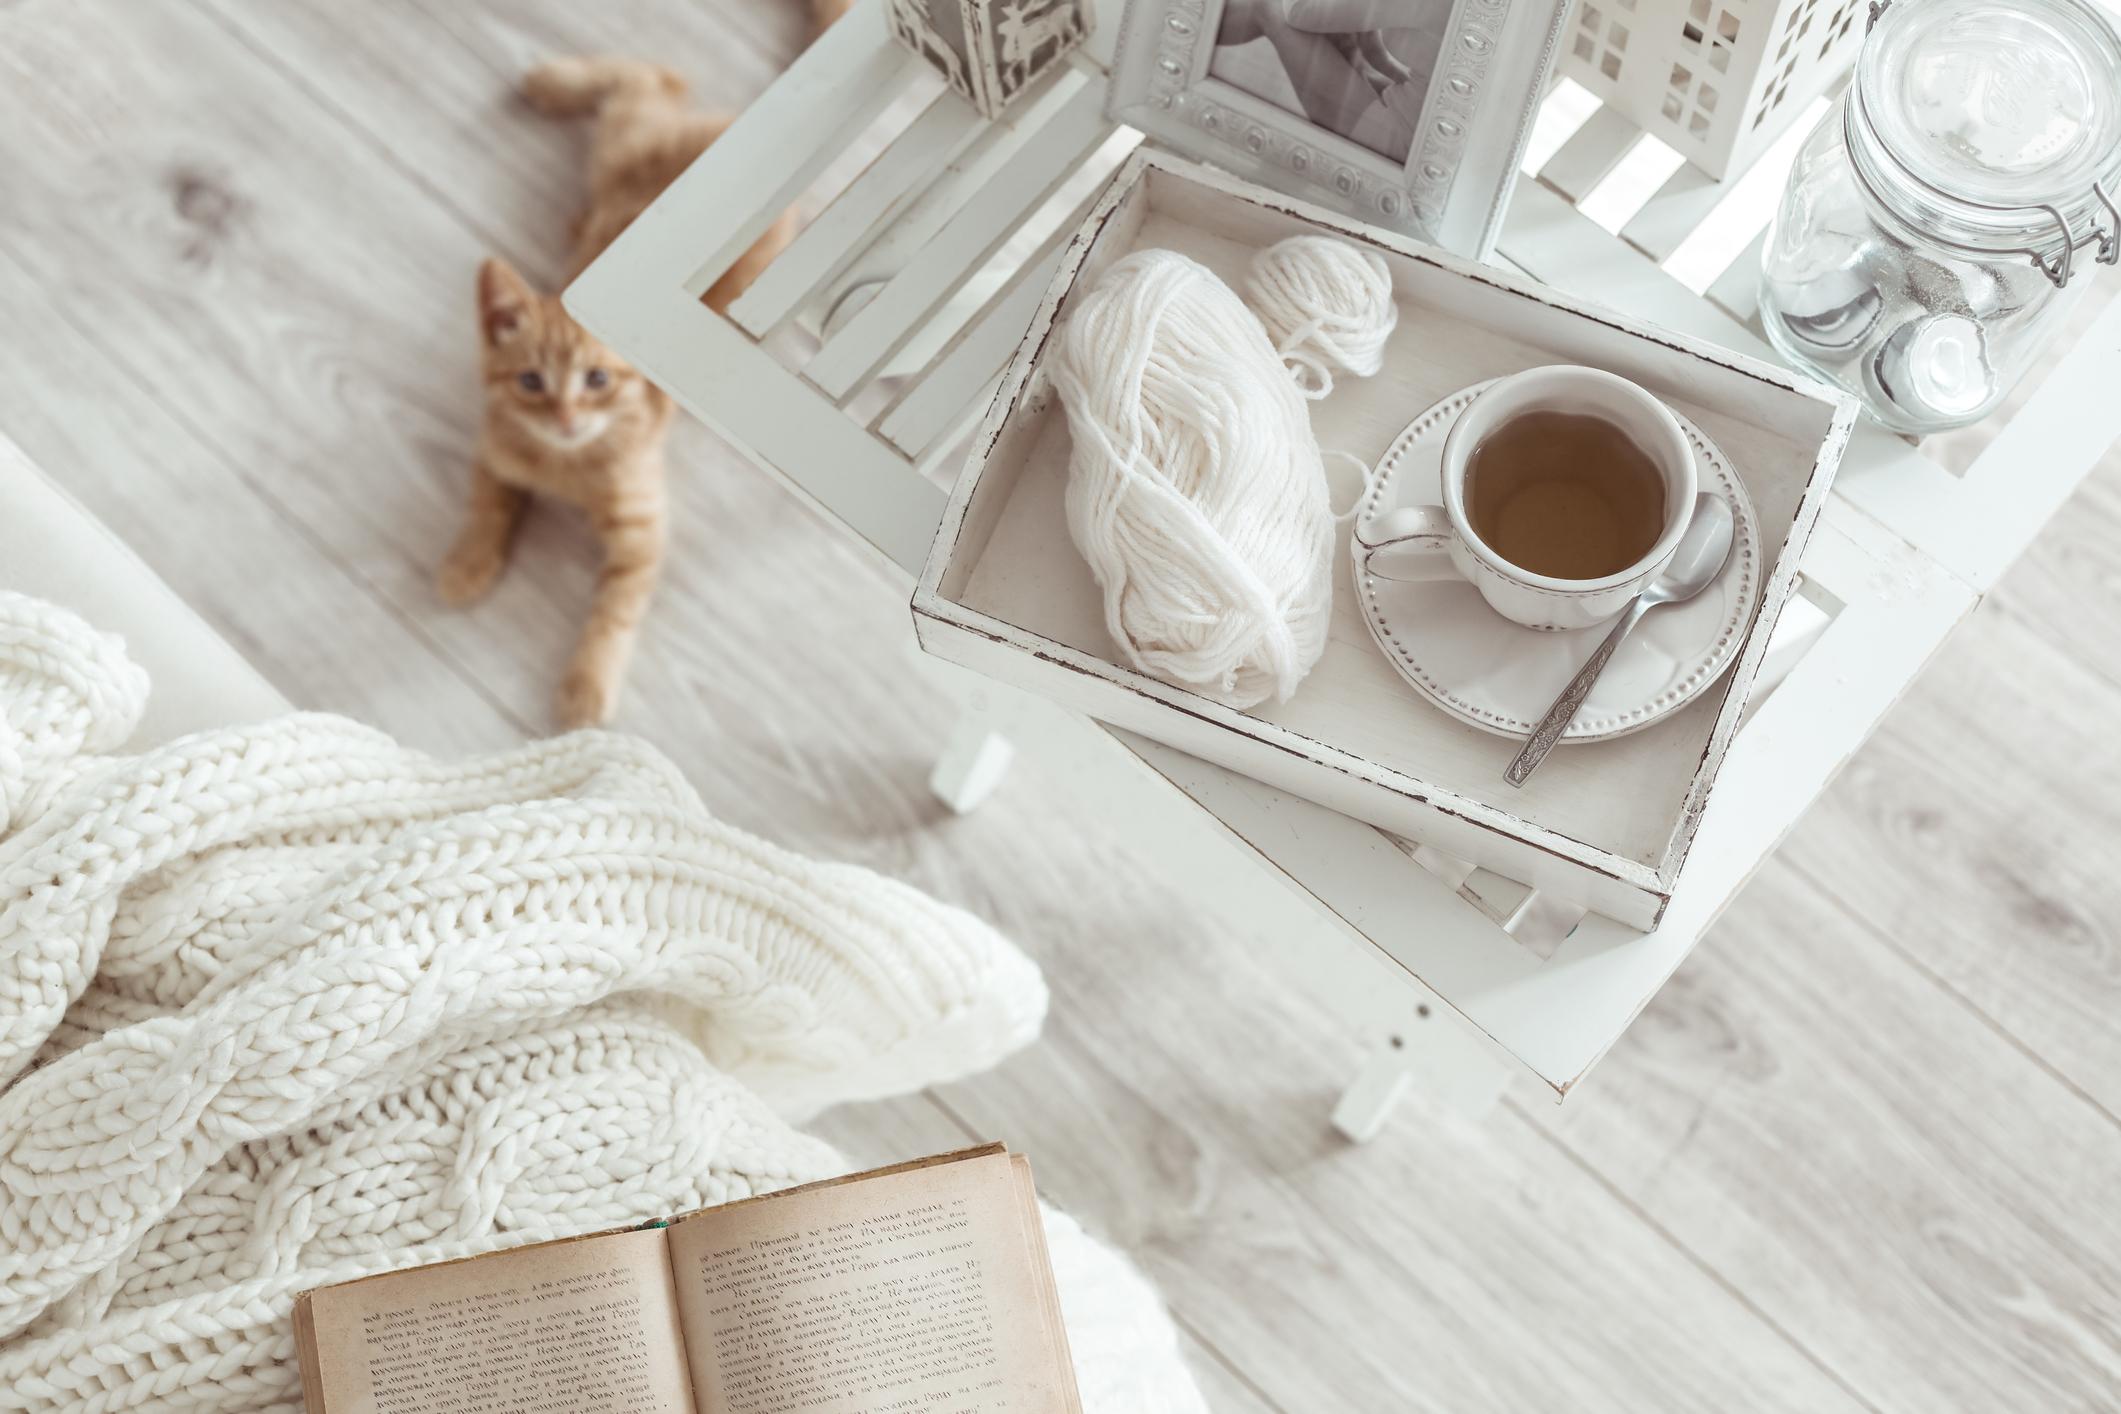 Na stole tacka z kawą i kłębkiem do szycia, pod stołem siedzi rudy kot – pozbądź się śladów sierści po Twoim zwierzaku ręcznikami papierowymi Velvet